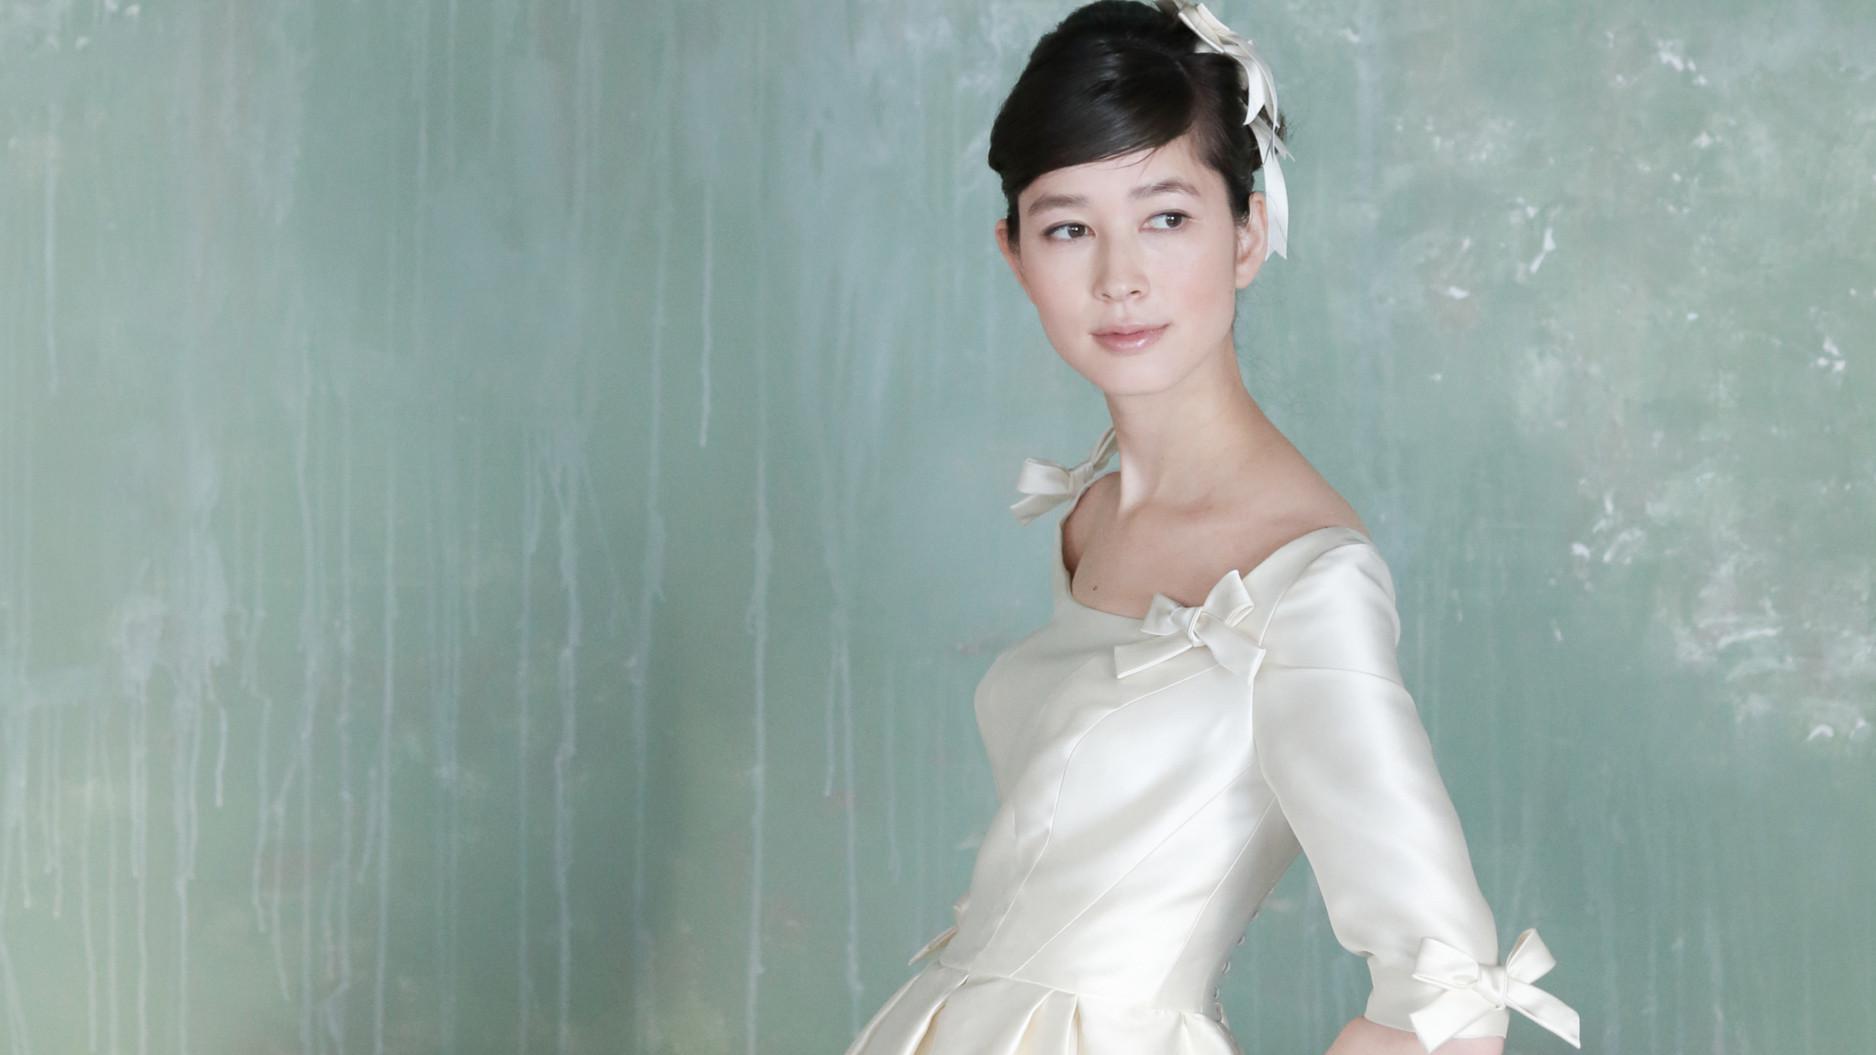 素材感の良さは、ウエディングドレスの魅力のひとつです。